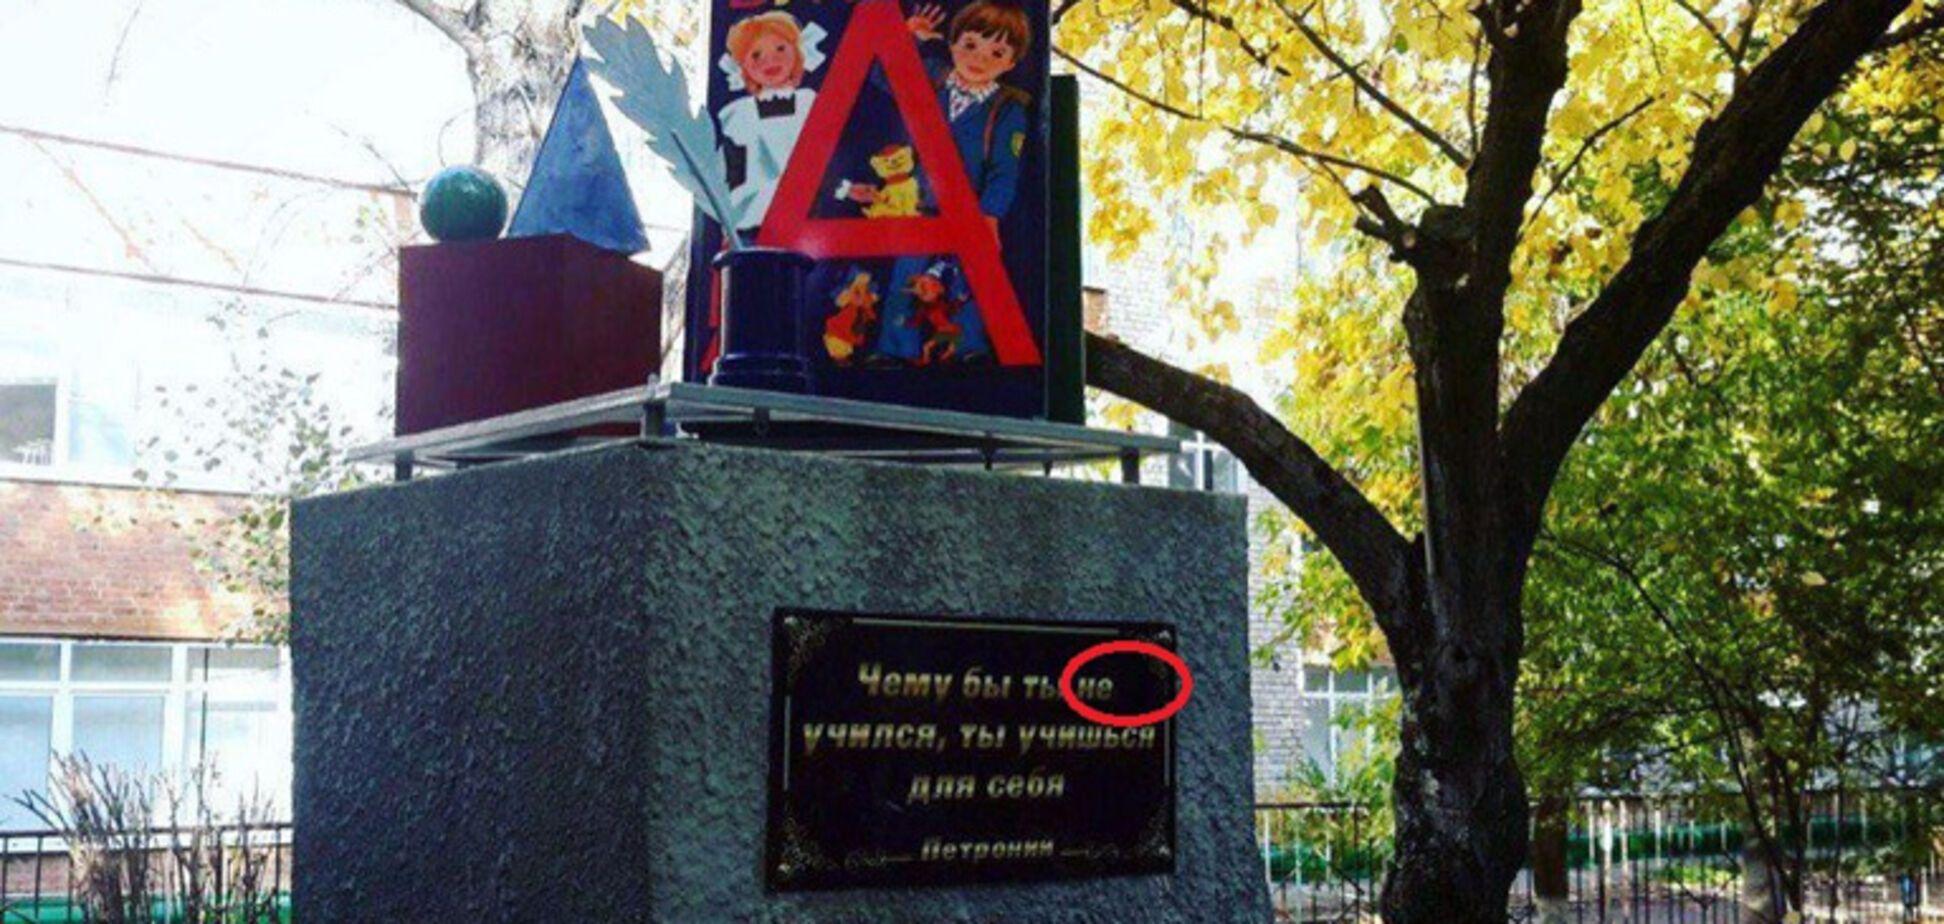 'На грани фантастики': в сети высмеяли российский памятник с ошибкой